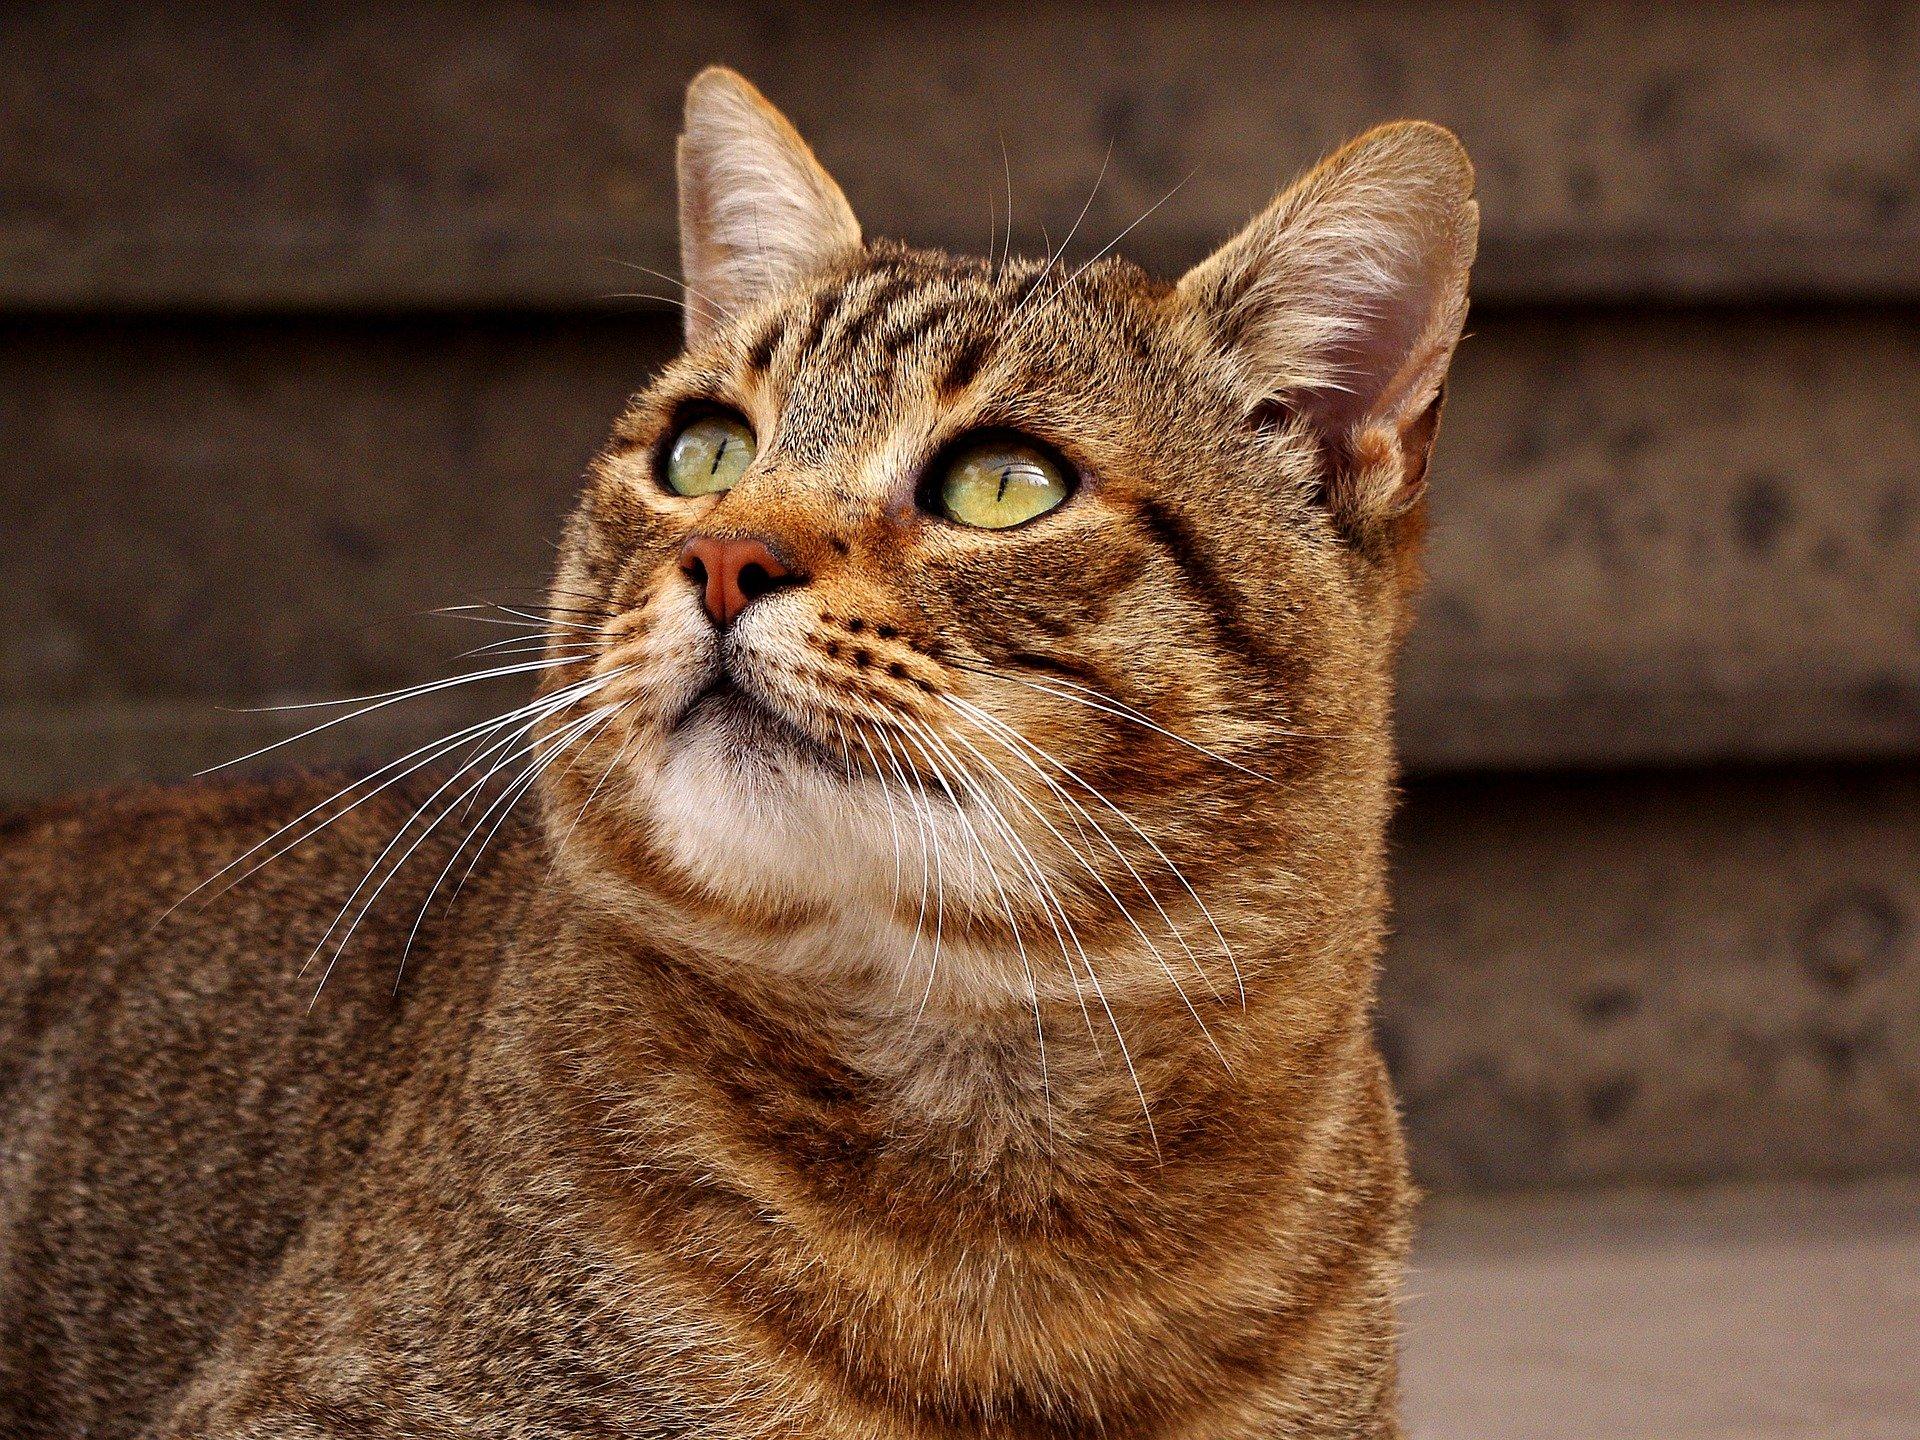 Chat Européen ou European Shorthair : un chat actif, équilibré et affectueux